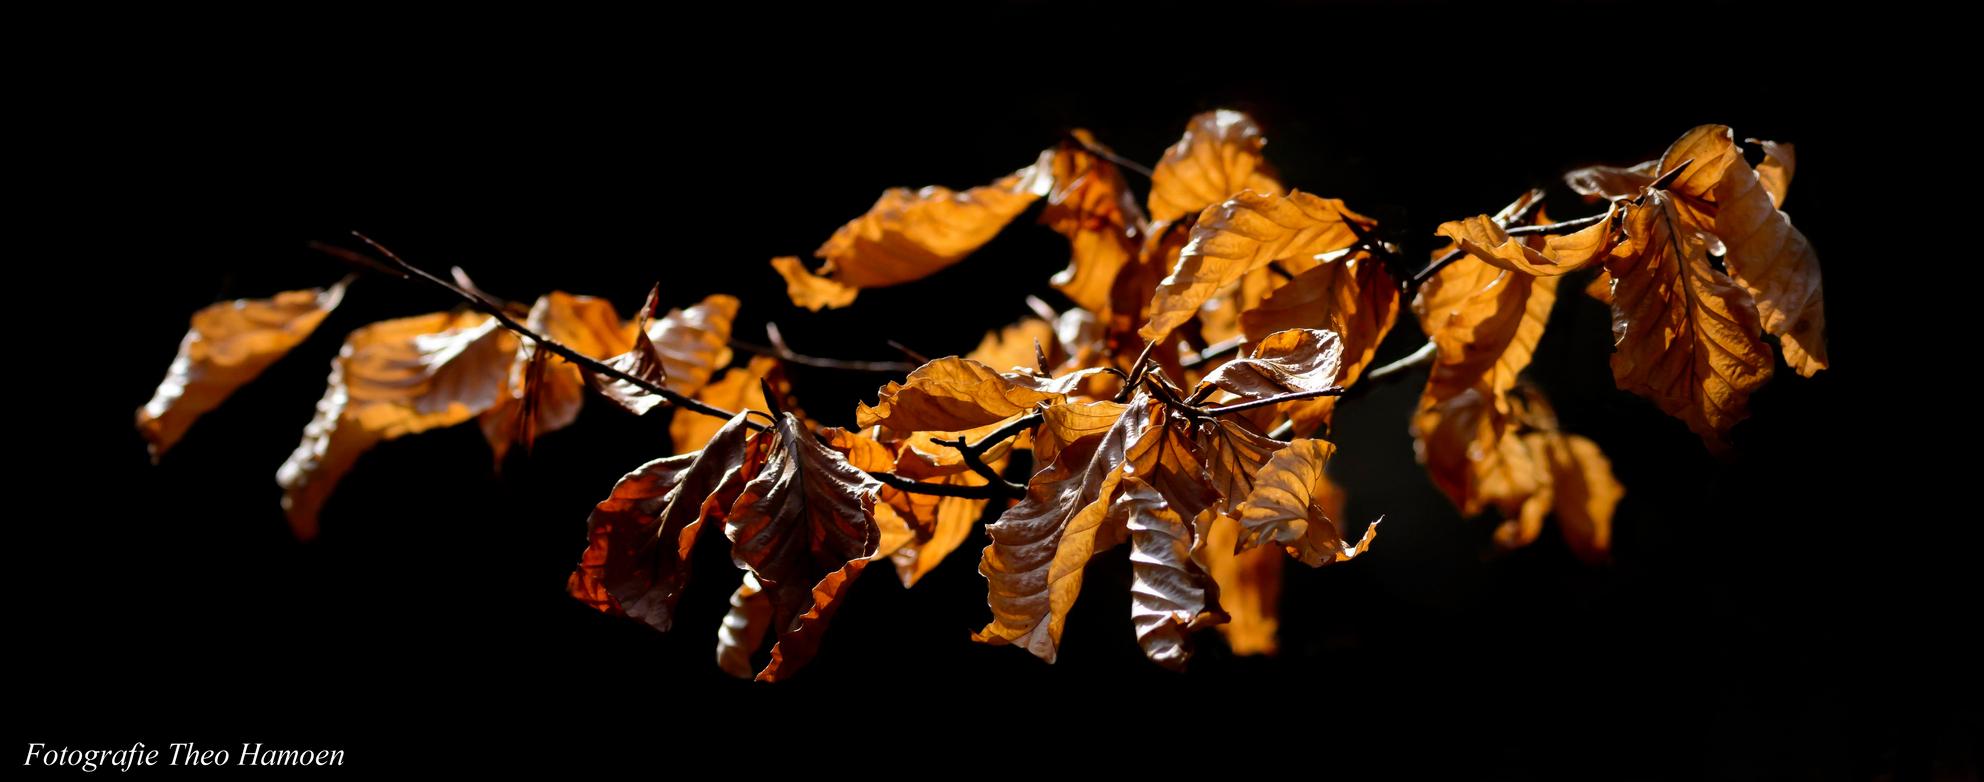 Simpel wat zonlicht - Wat zonnestralen en wat blaadjes....hoe simpel kan het zijn - foto door theo_hamoen op 08-04-2021 - locatie: Hoenderloo, Nederland - deze foto bevat: natuur, zonlicht, bladeren, bos, eenvoud, takje, amber, natuurlijk landschap, bladverliezend, tinten en schakeringen, bloeiende plant, detailopname, macrofotografie, evenement, stillevenfotografie